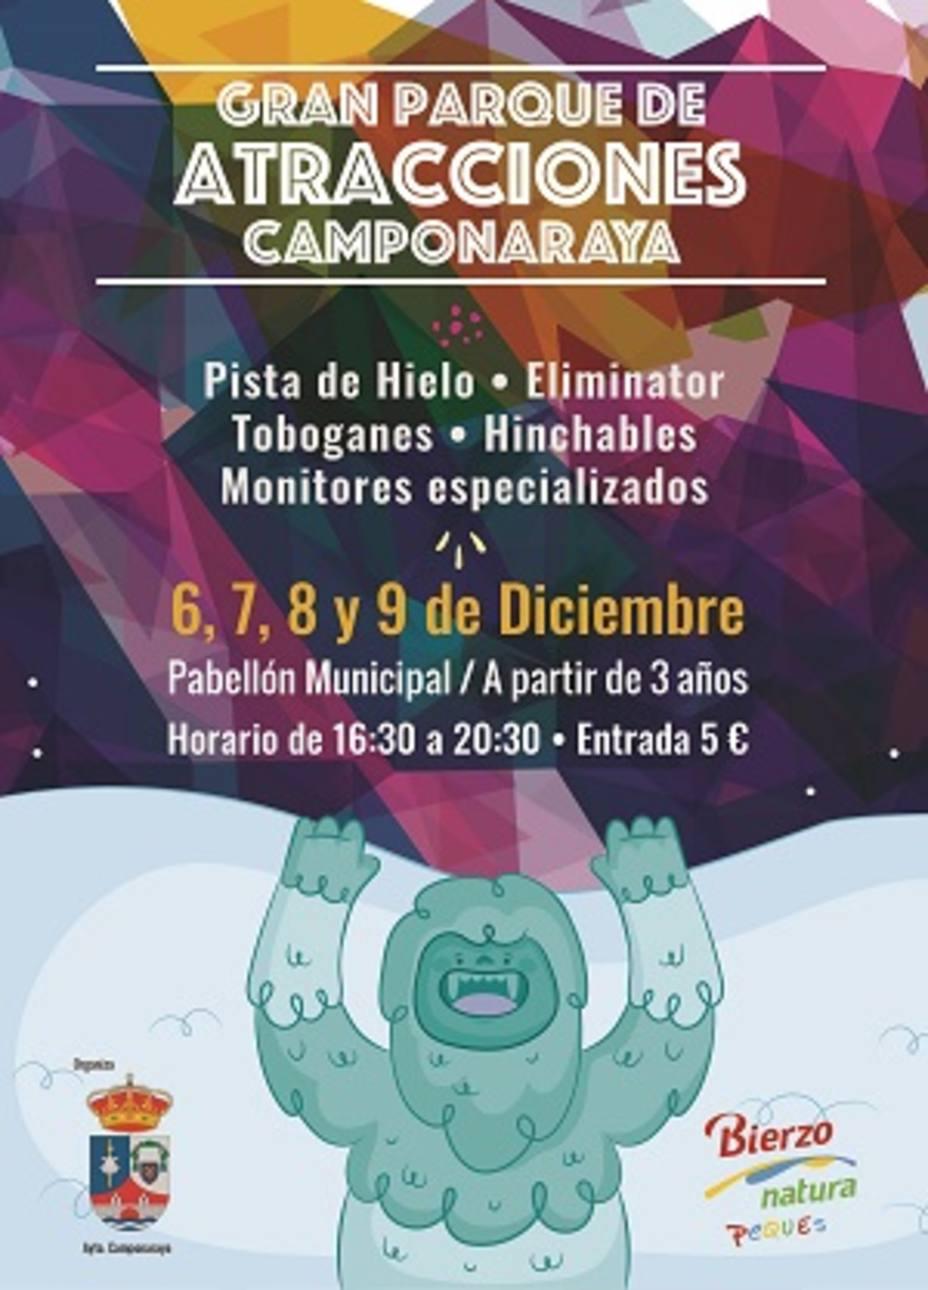 'Parque de atracciones', con pista de hielo incluida, en Camponaraya